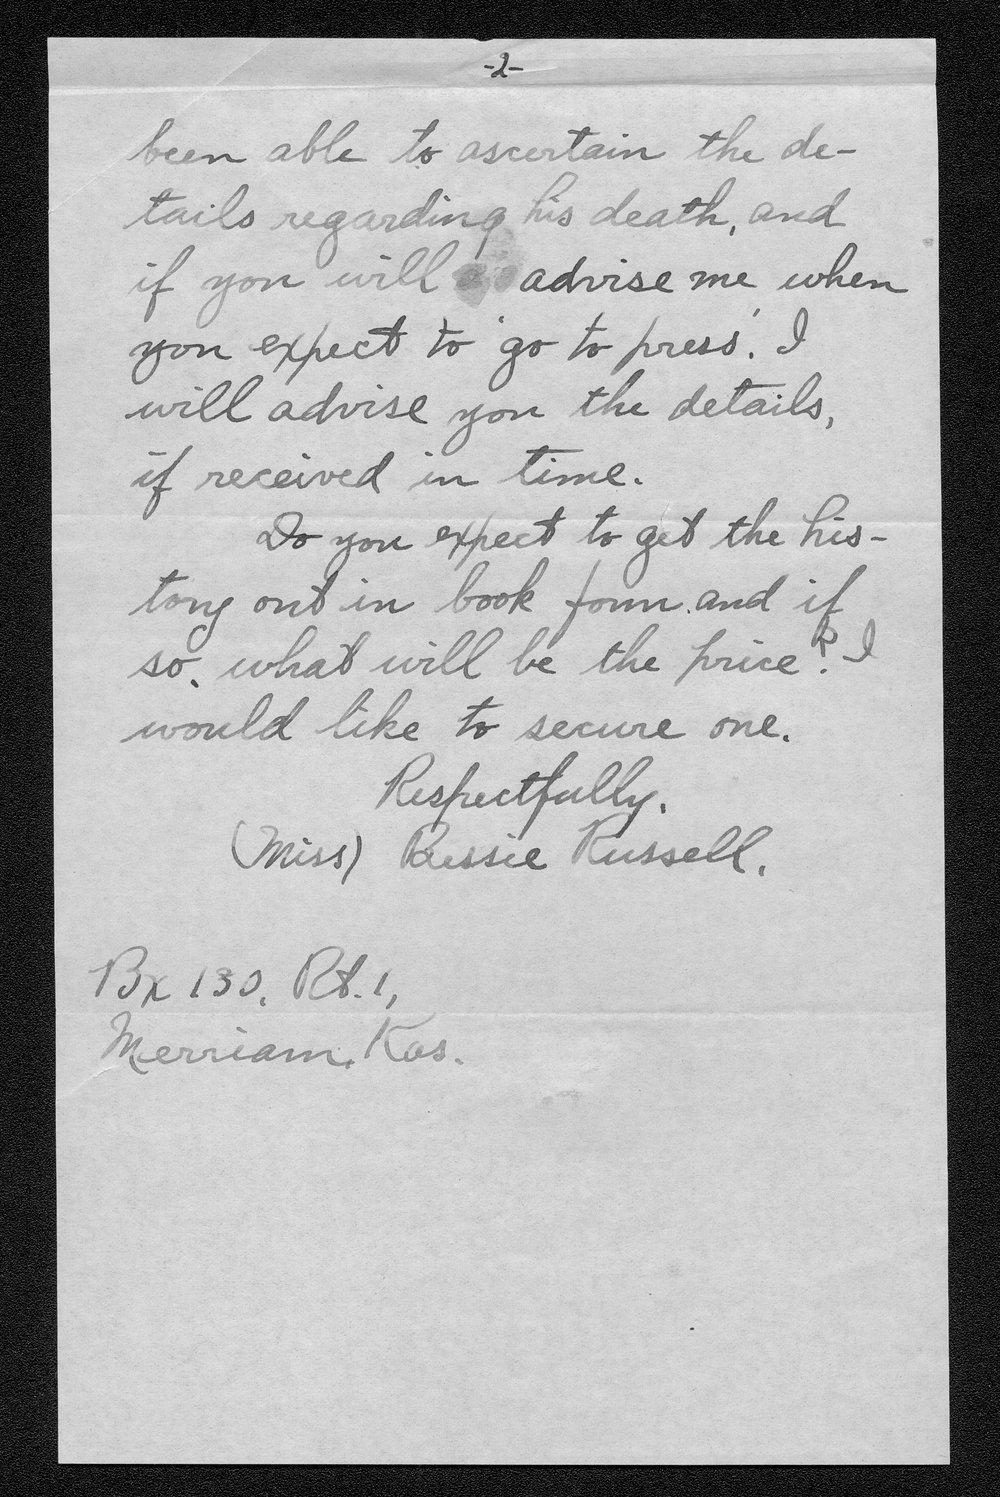 Samuel D. Russell, World War I soldier - 12